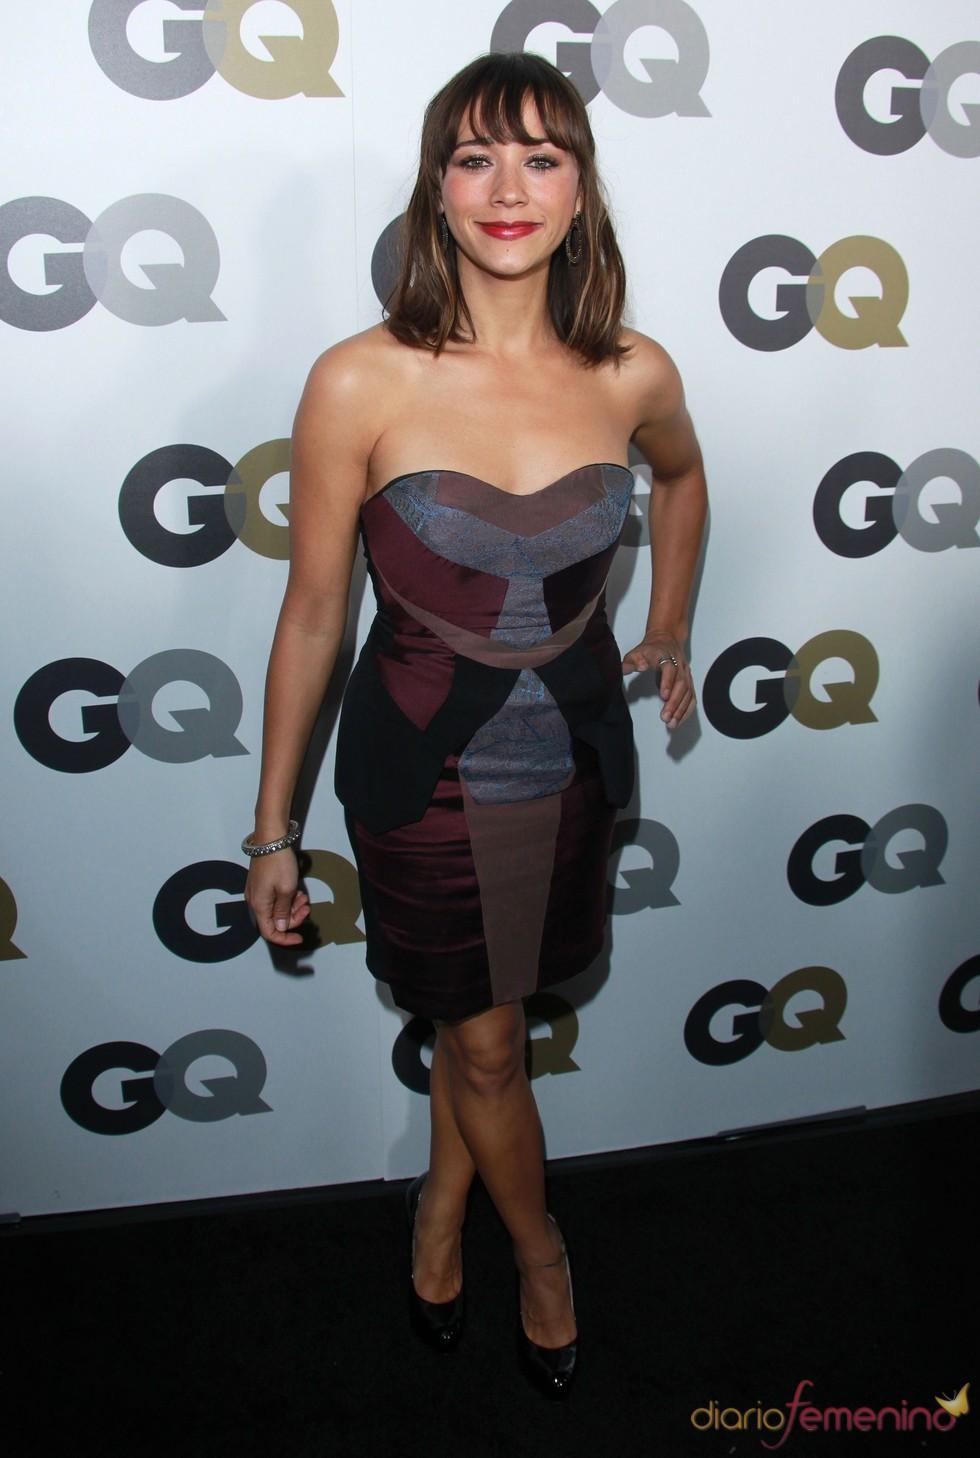 Rashida Jones en la Fiesta GQ 2010